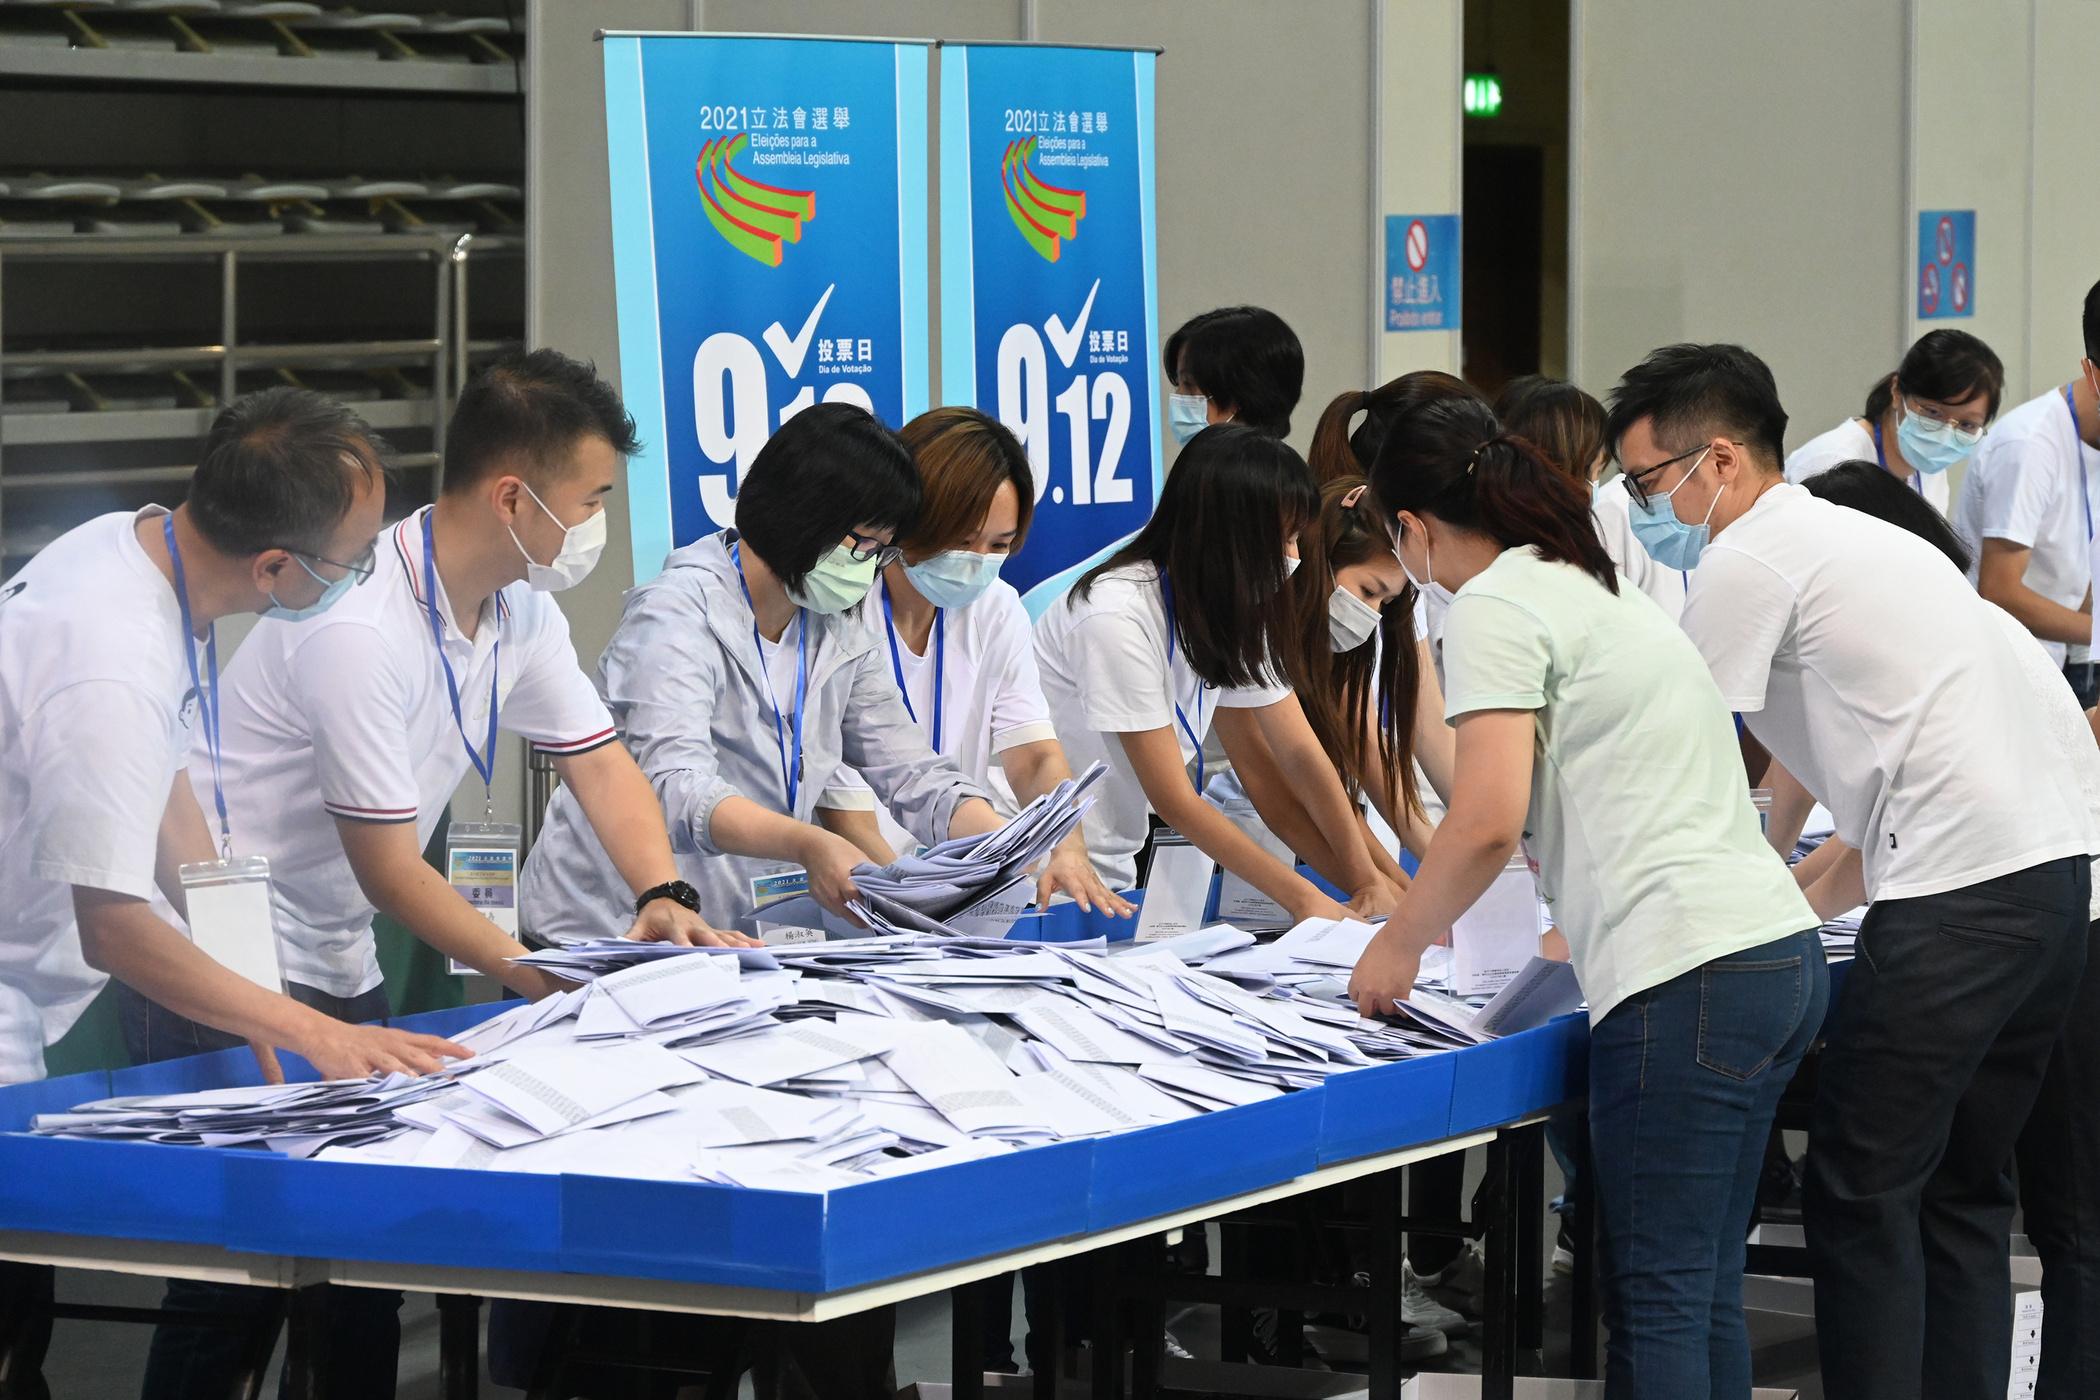 Eleições   Abstenção atingiu valor recorde em noite de vitória de Fujian